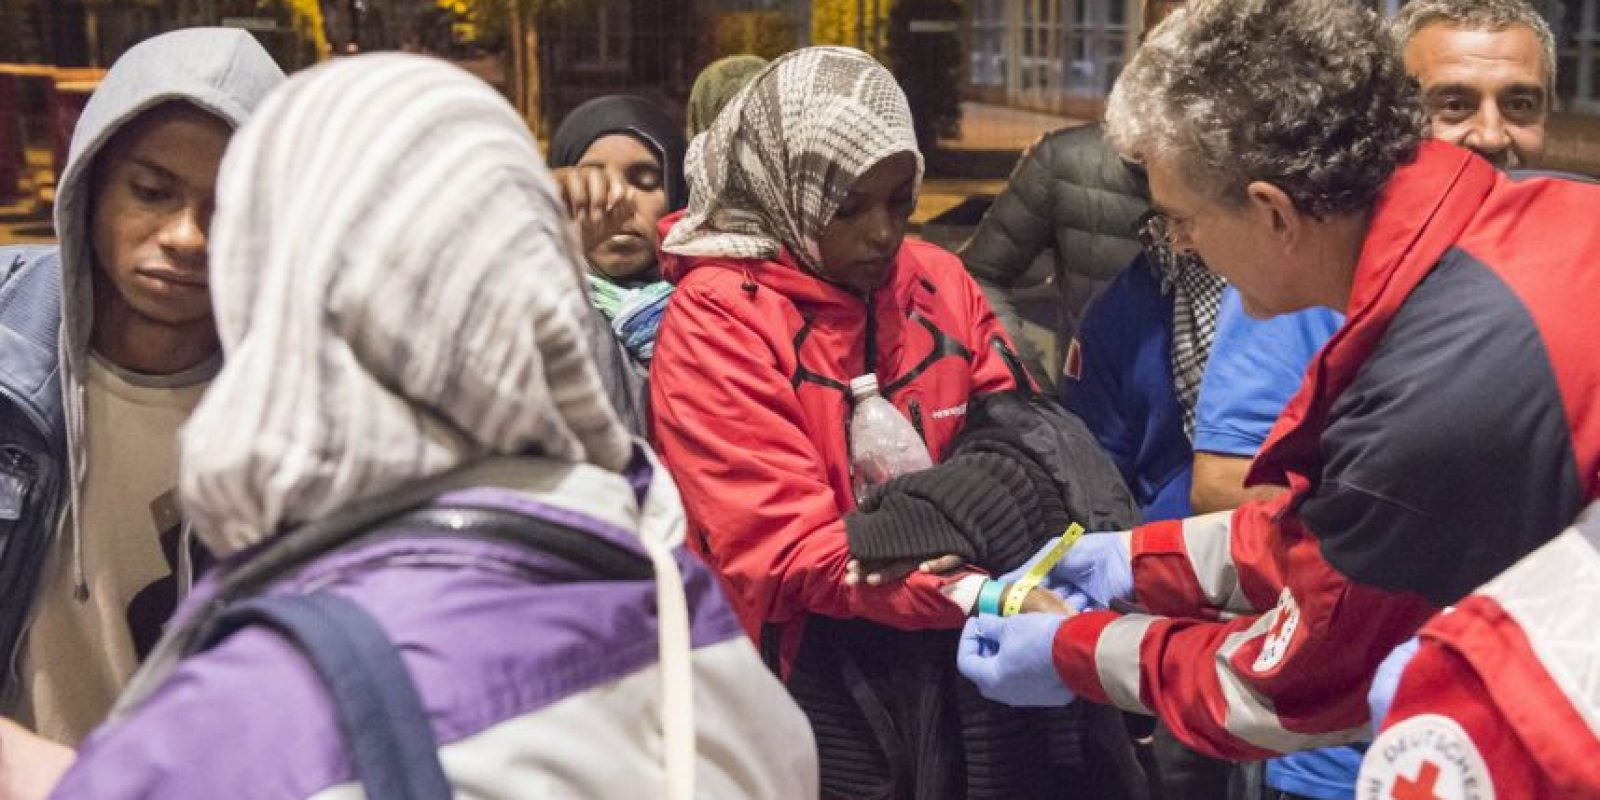 El gobierno alemán decidió el domingo cerrar temporalmente las fronteras a migrantes. Foto:AP